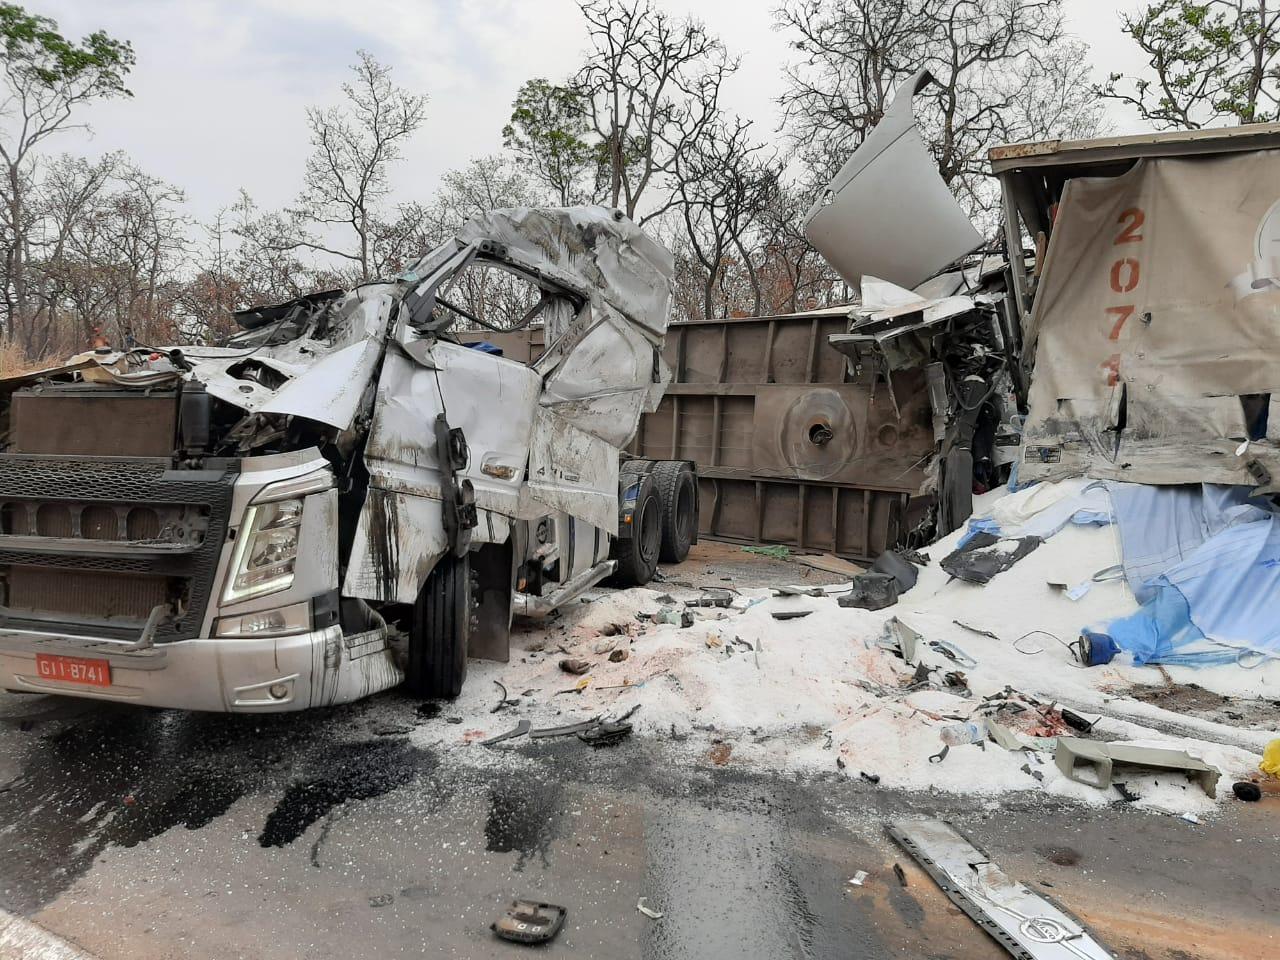 Motoristas de duas carretas morrem após batida de frente na BR-365, em Montes Claros - Foto: Divulgação/CBMMG